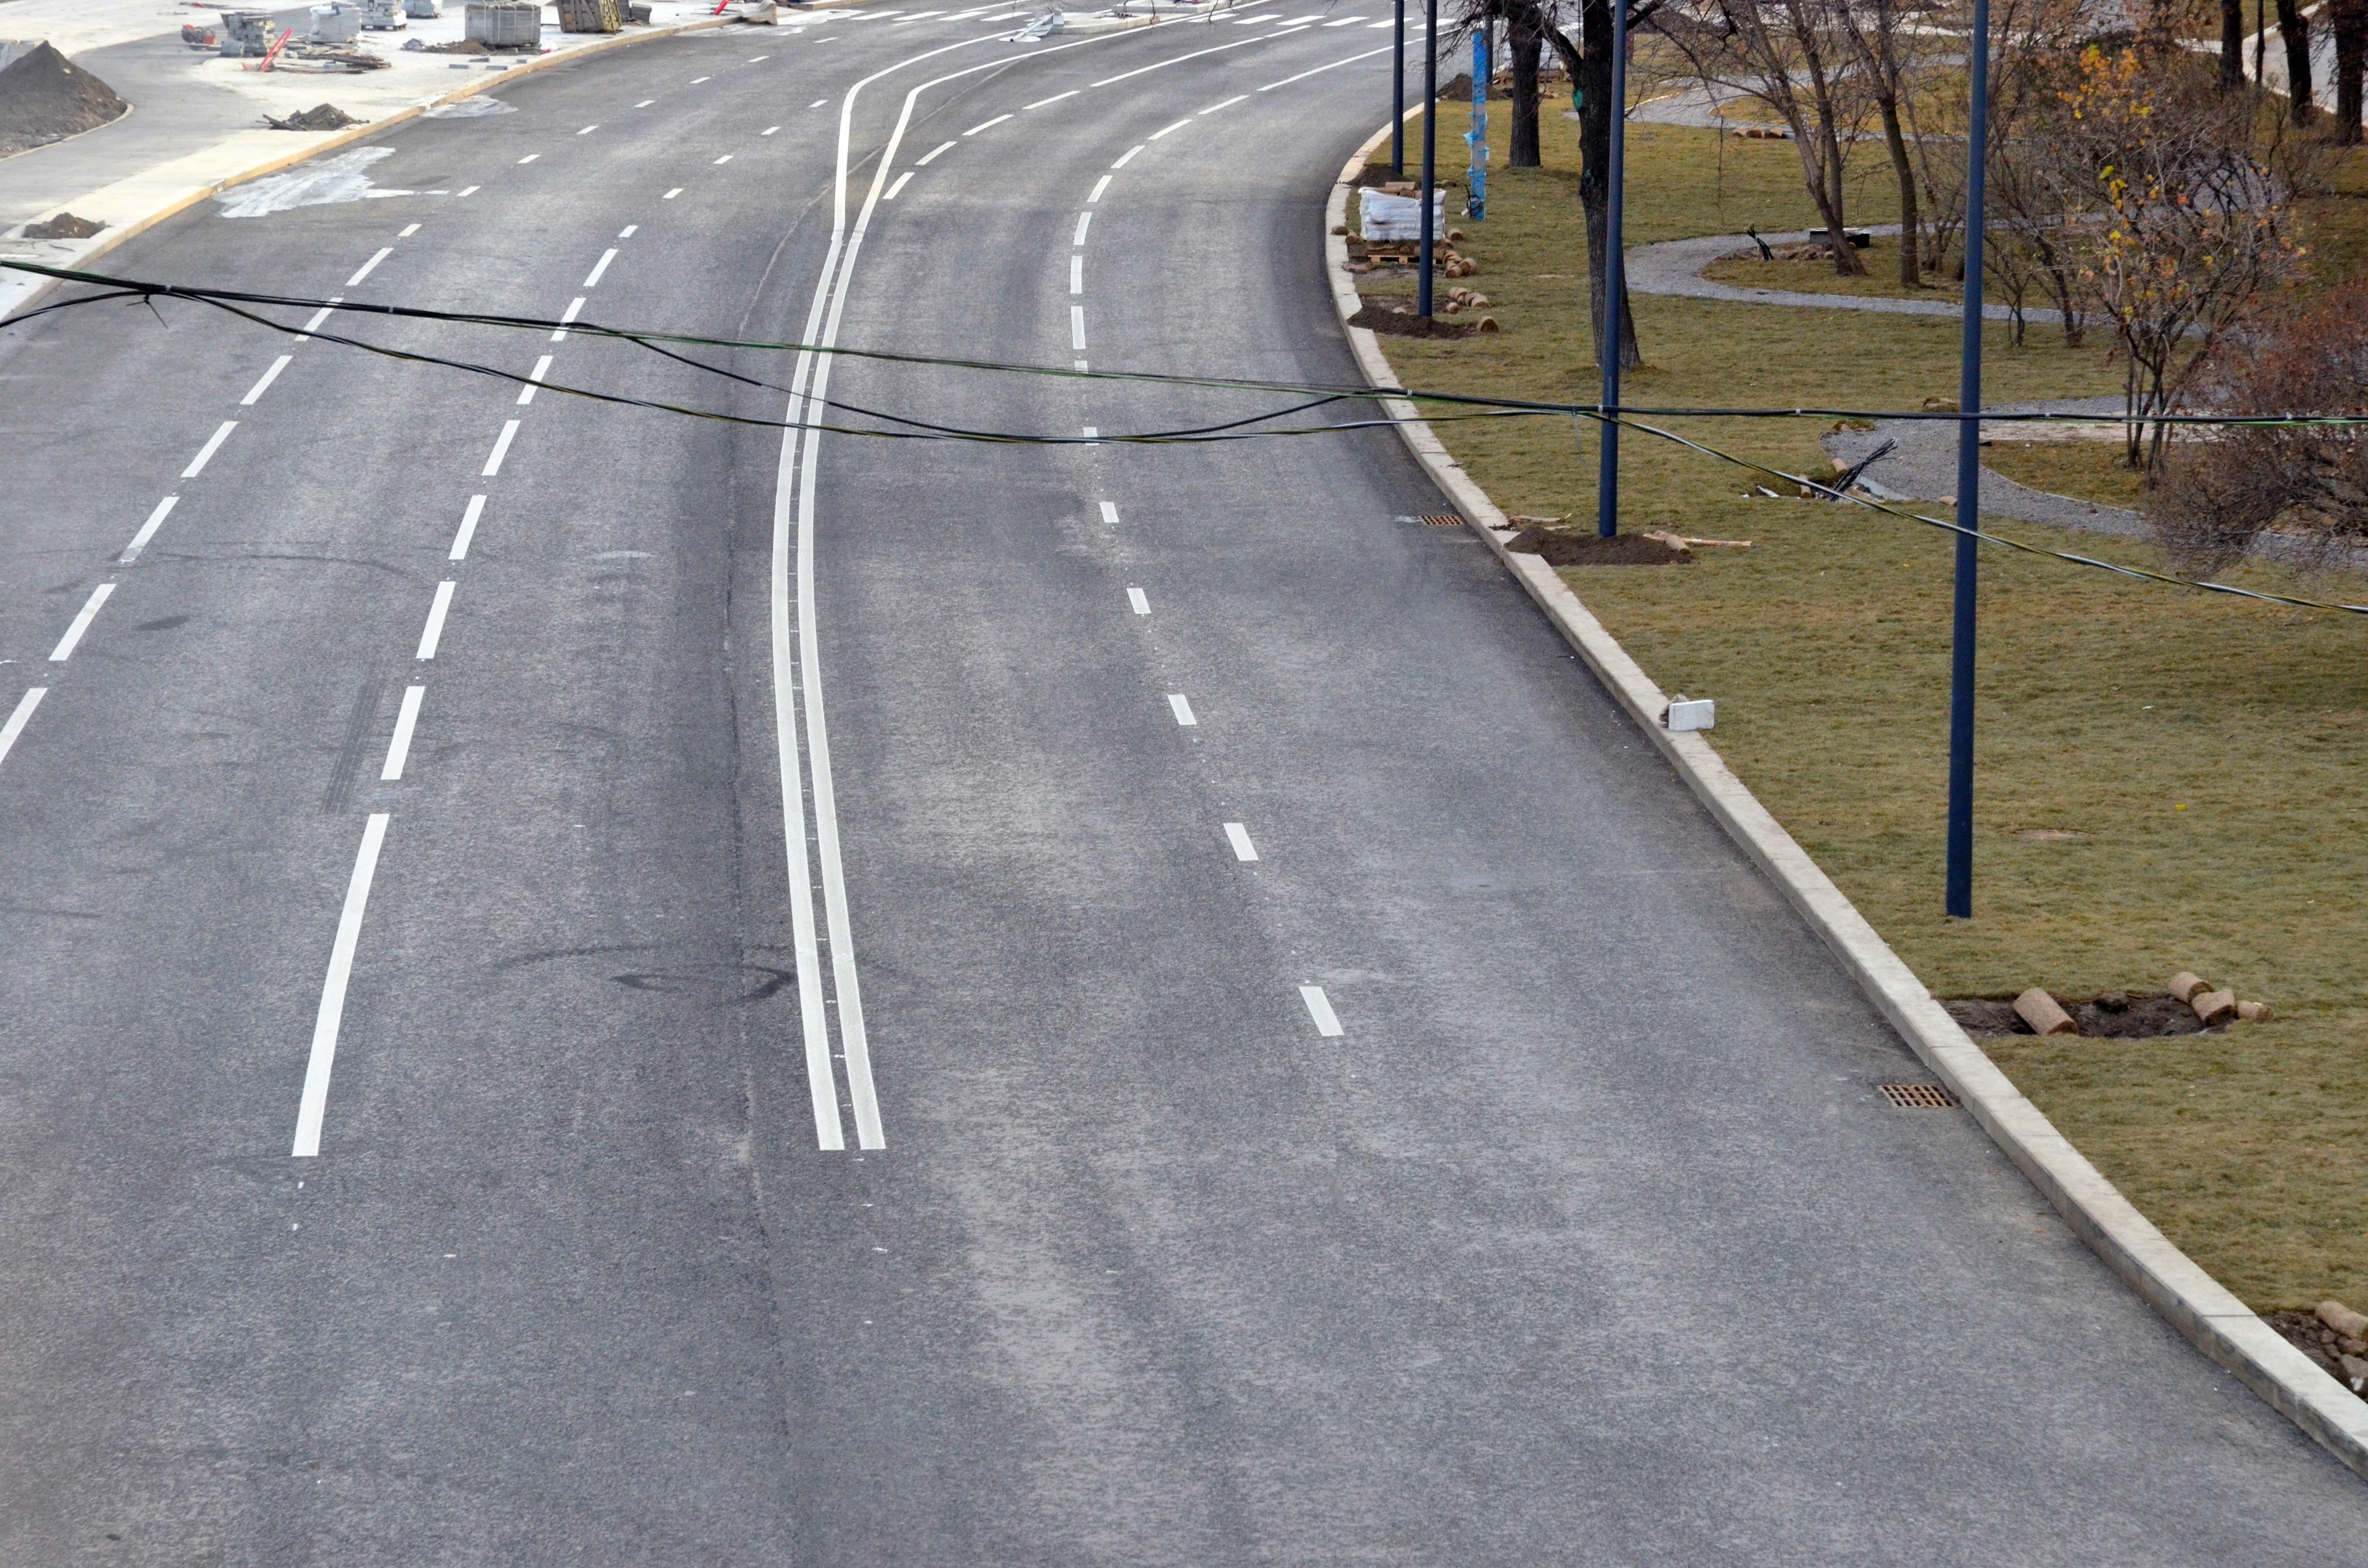 Эксперт: Хордовые магистрали позволят перераспределить автомобильные потоки в Москве